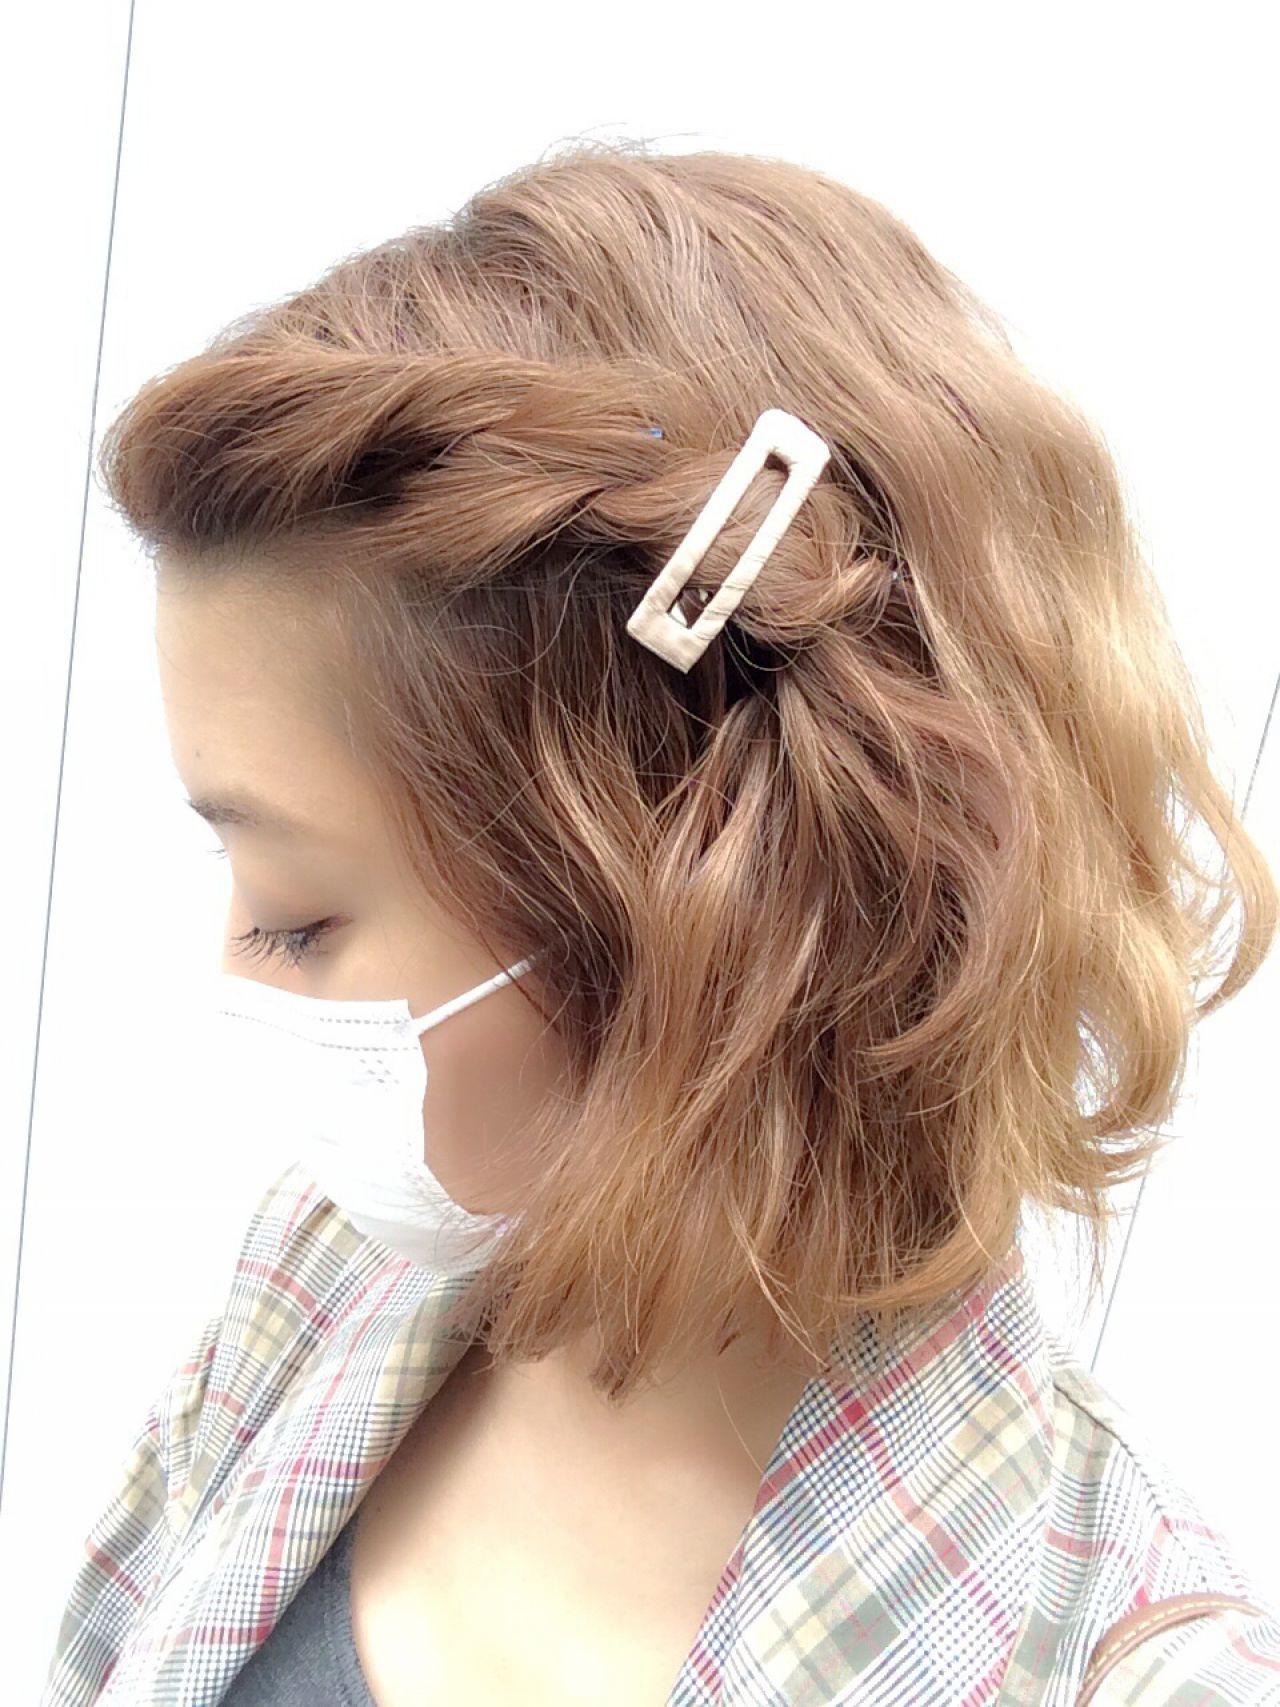 すっきりとまとめて好印象に!前髪アップで印象チェンジ♡ 中川遥